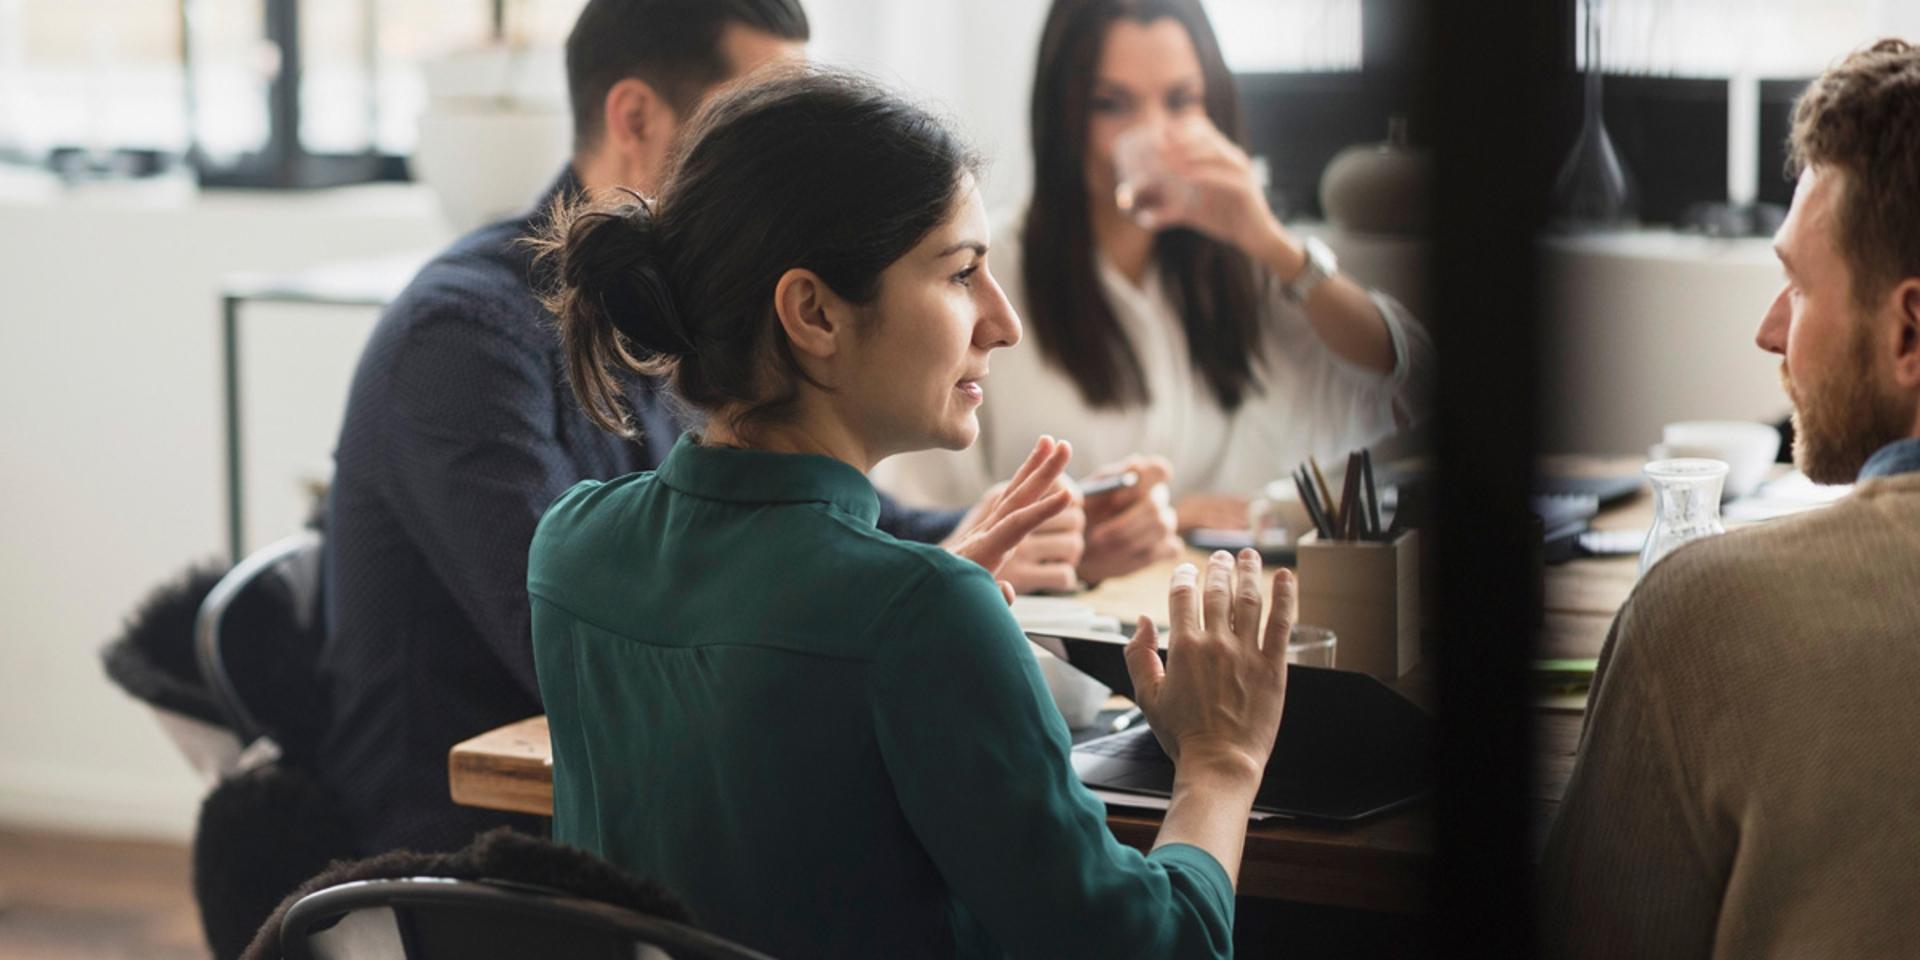 - Lær mere om fordelene ved konsulentløsninger i vores WP - Vores bedste råd til smart og effektiv personaleplanlægning.